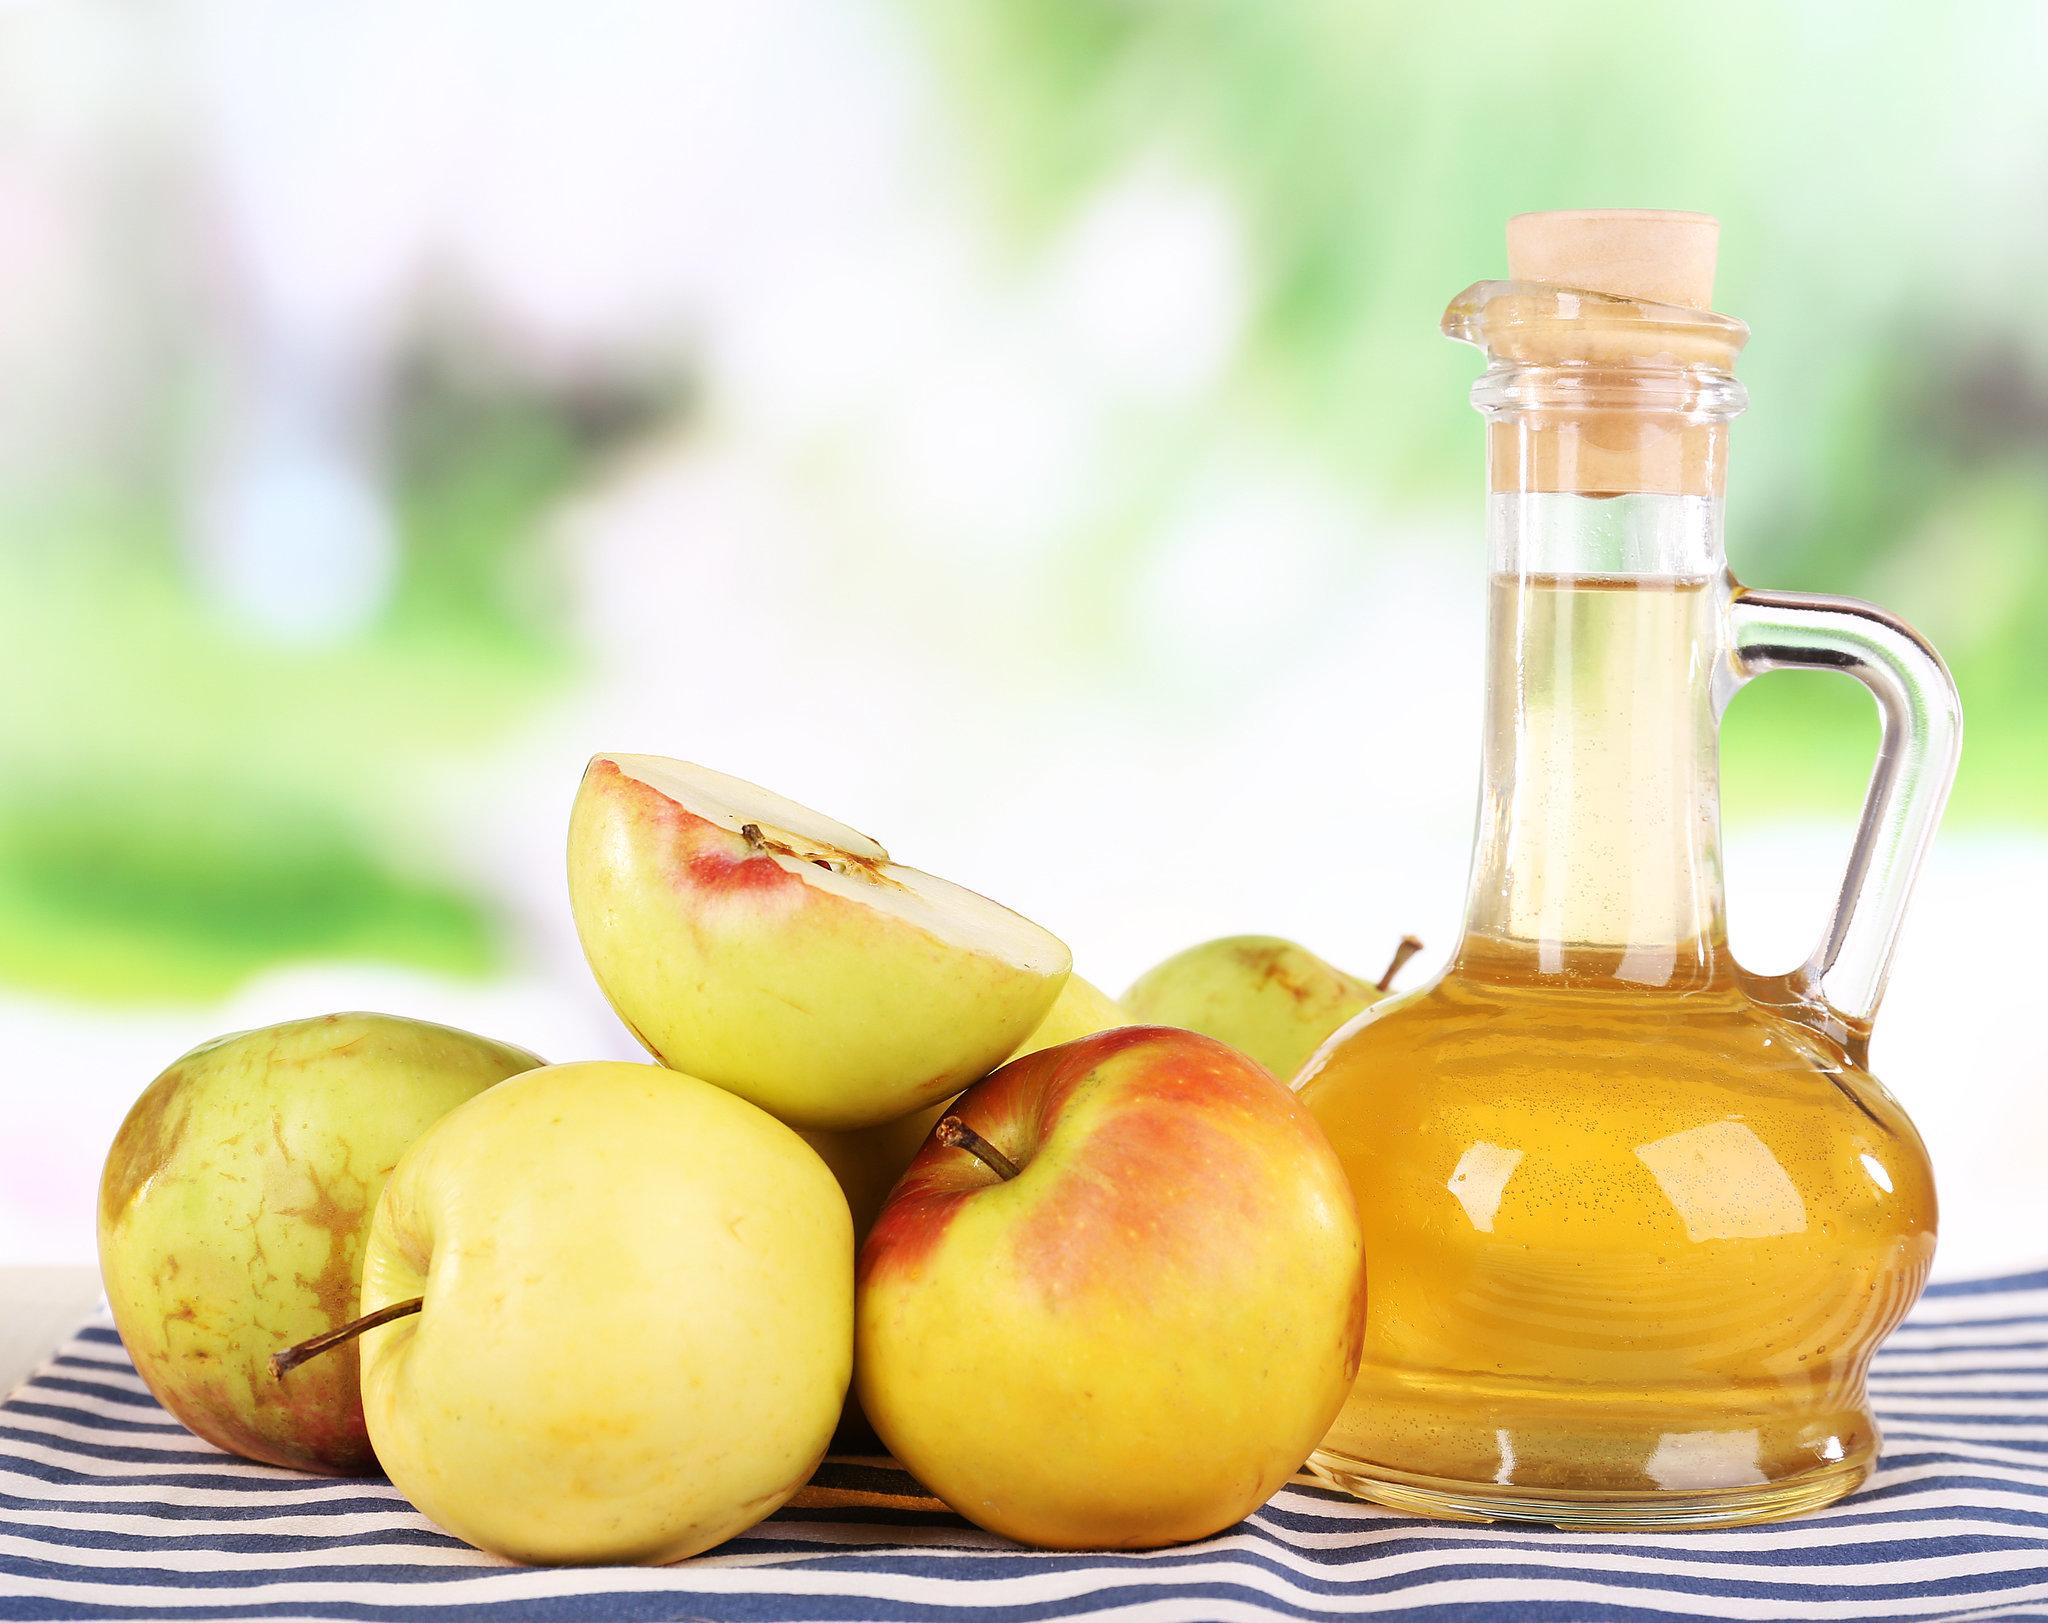 sakit gastrik apple cider